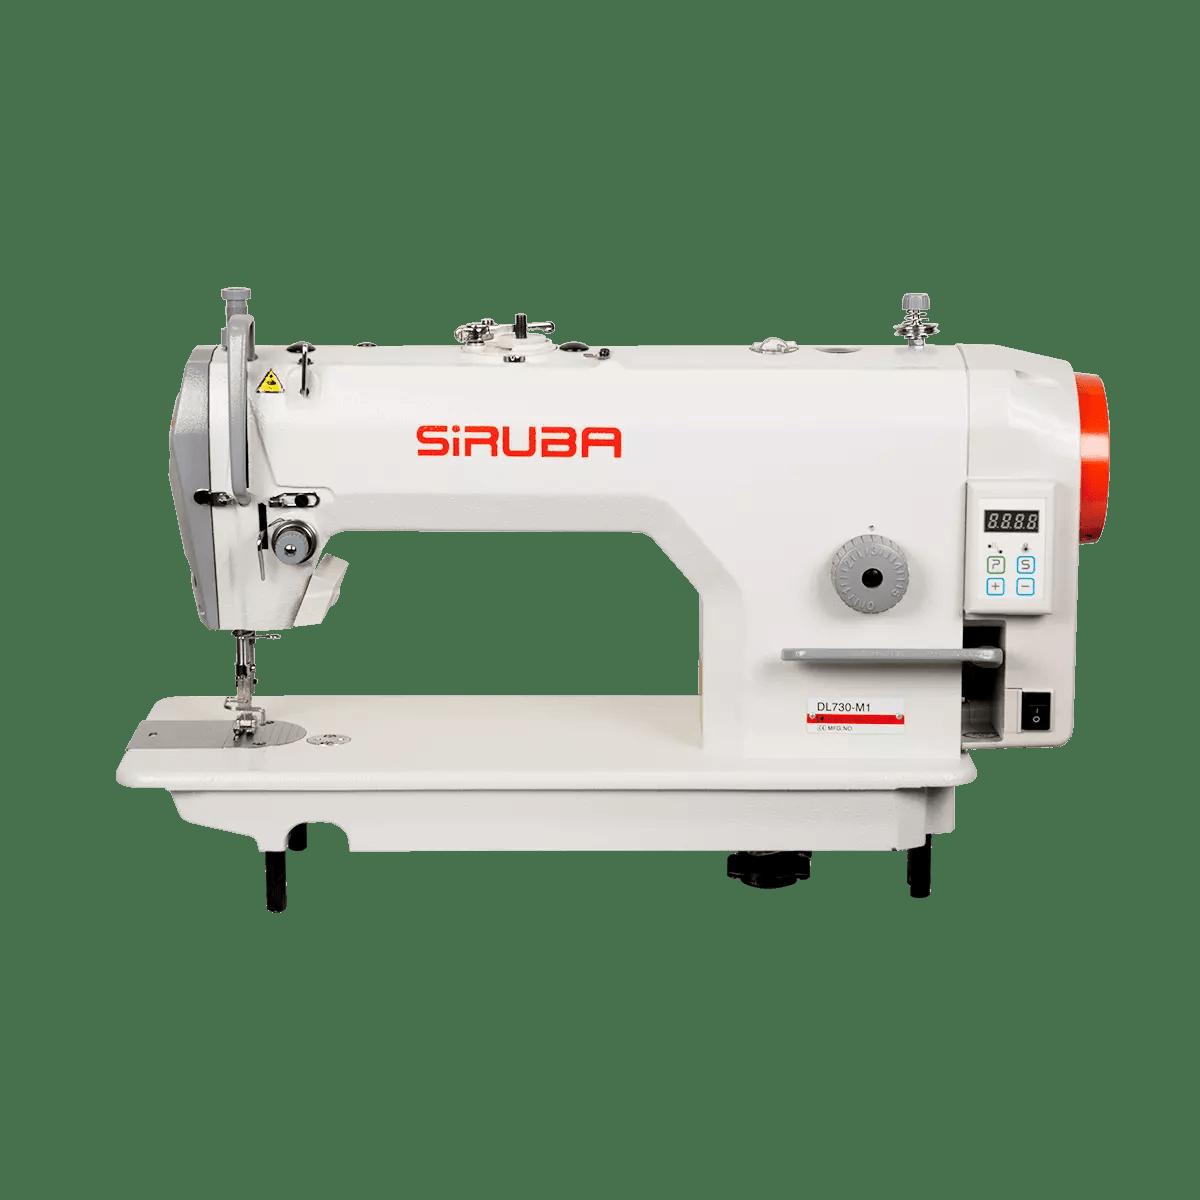 SIRUBA DL730